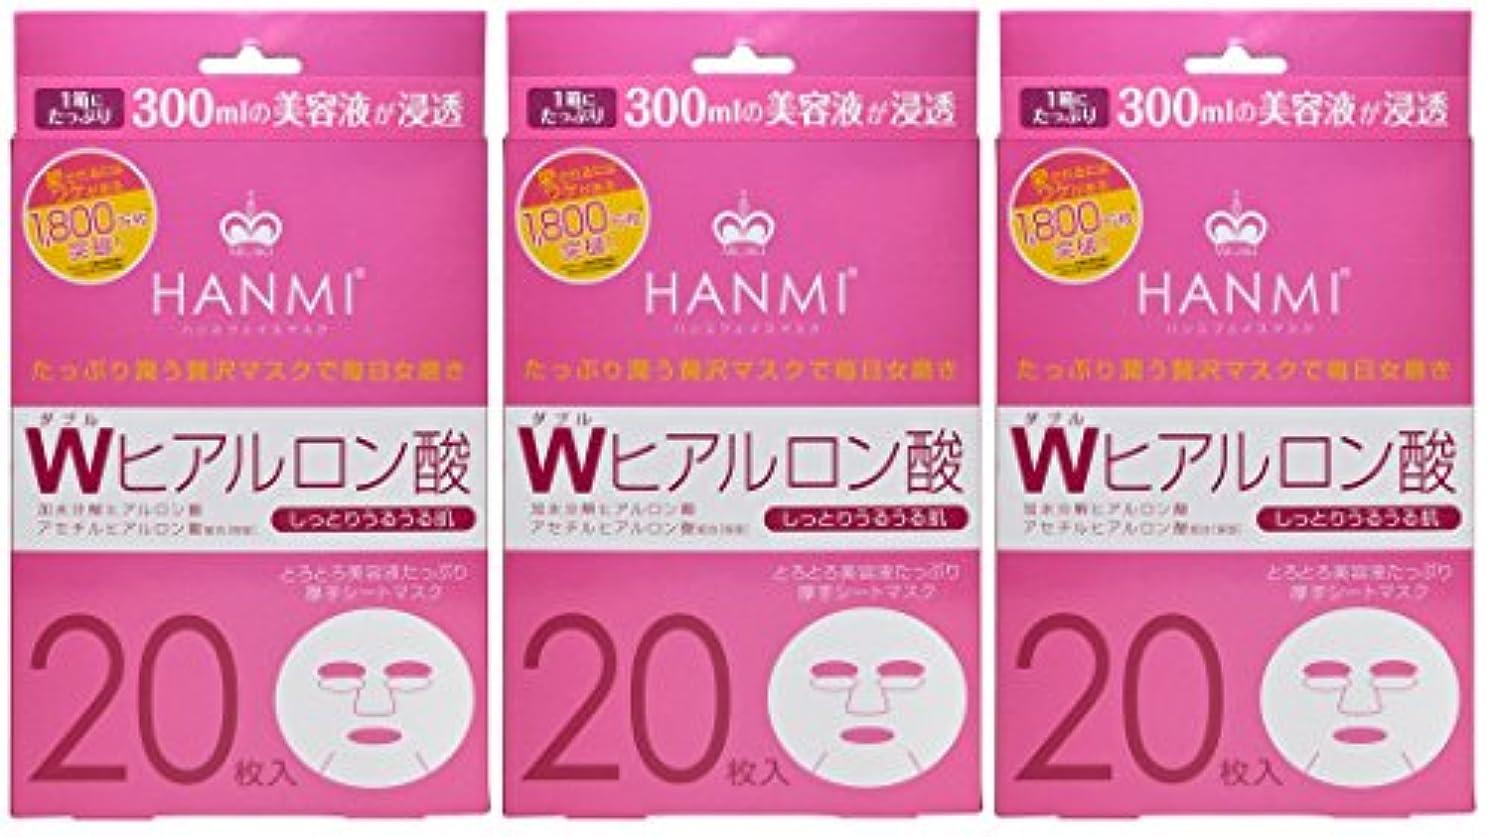 戦闘達成可能ローズMIGAKI ハンミフェイスマスク プラス Wヒアルロン酸 20枚入×3個セット